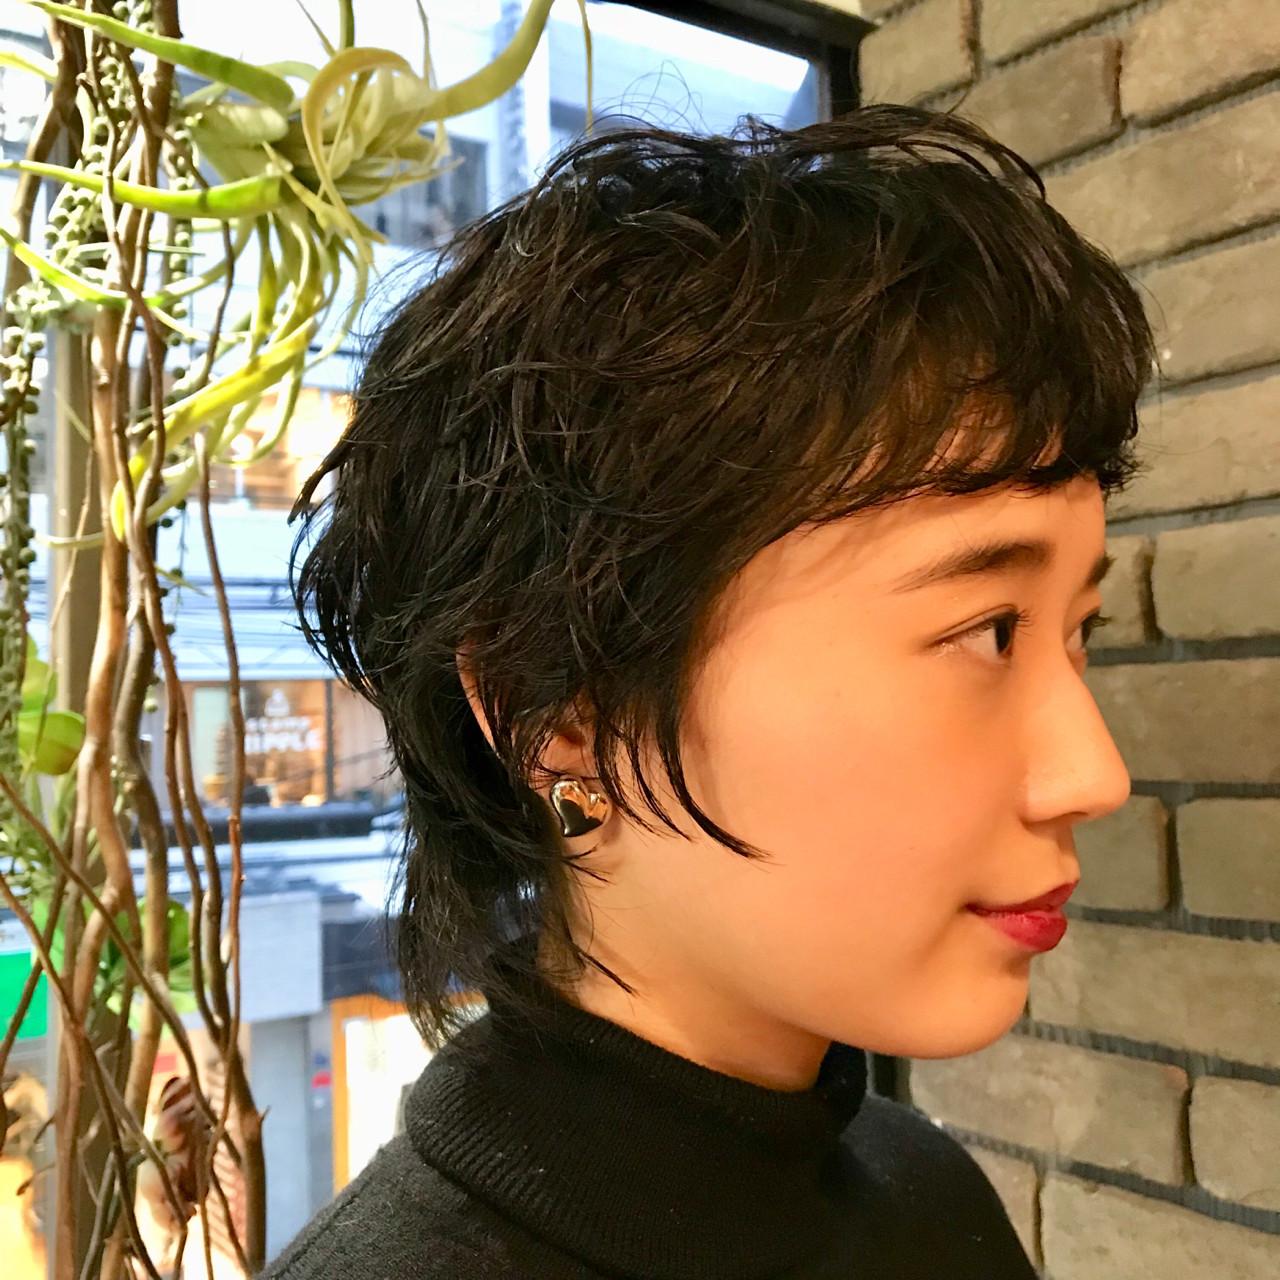 毛先にワンカールの黒髪パーマスタイルはジェルでウェット仕上げがおしゃれで大人度UPします^ ^